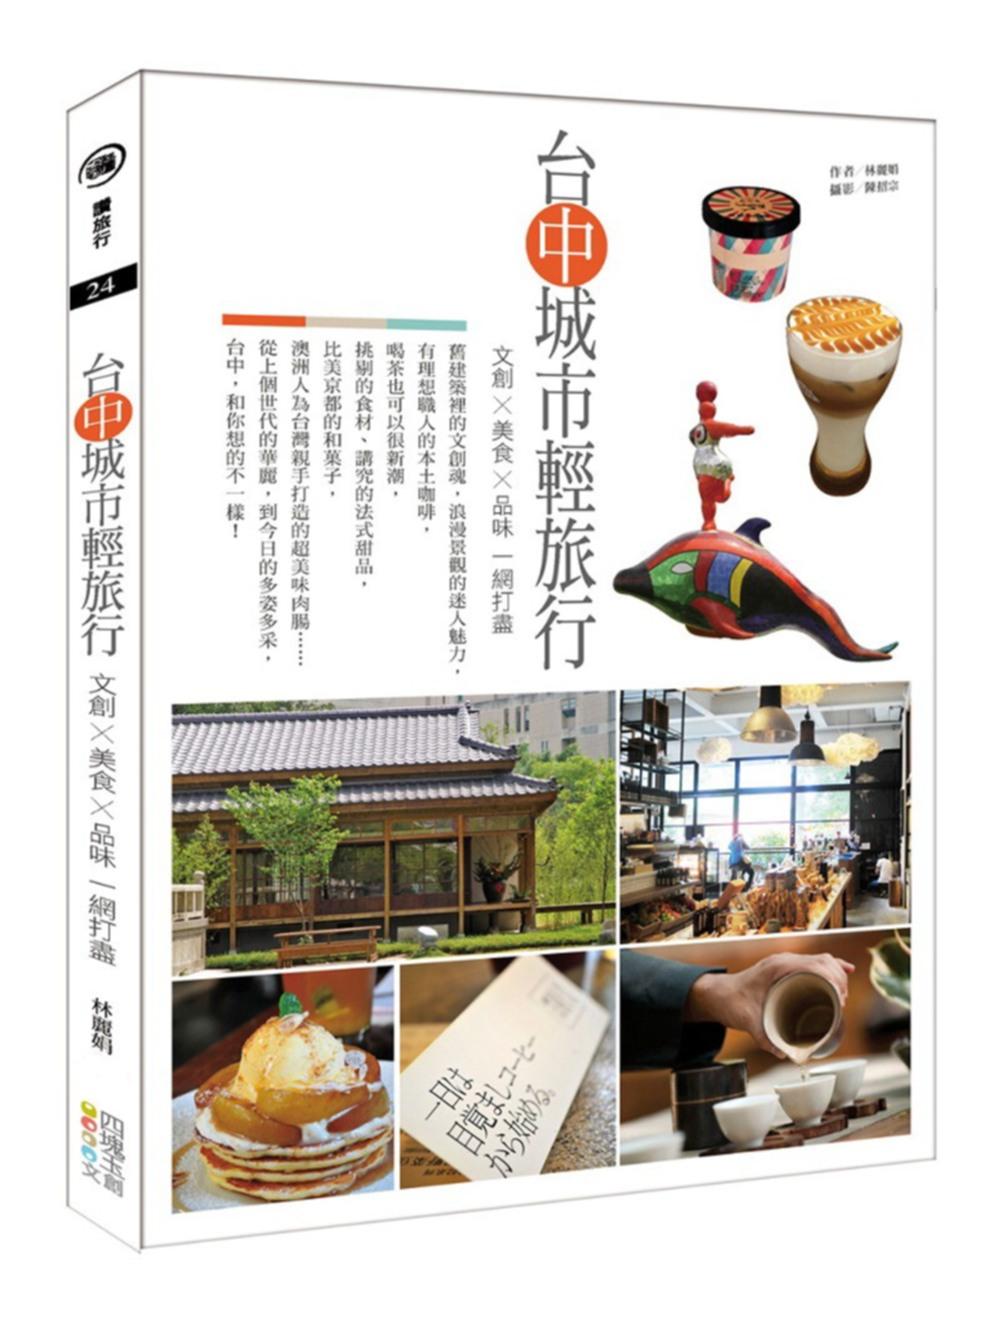 台中‧城市輕旅行 文創X美食X品味一網打盡